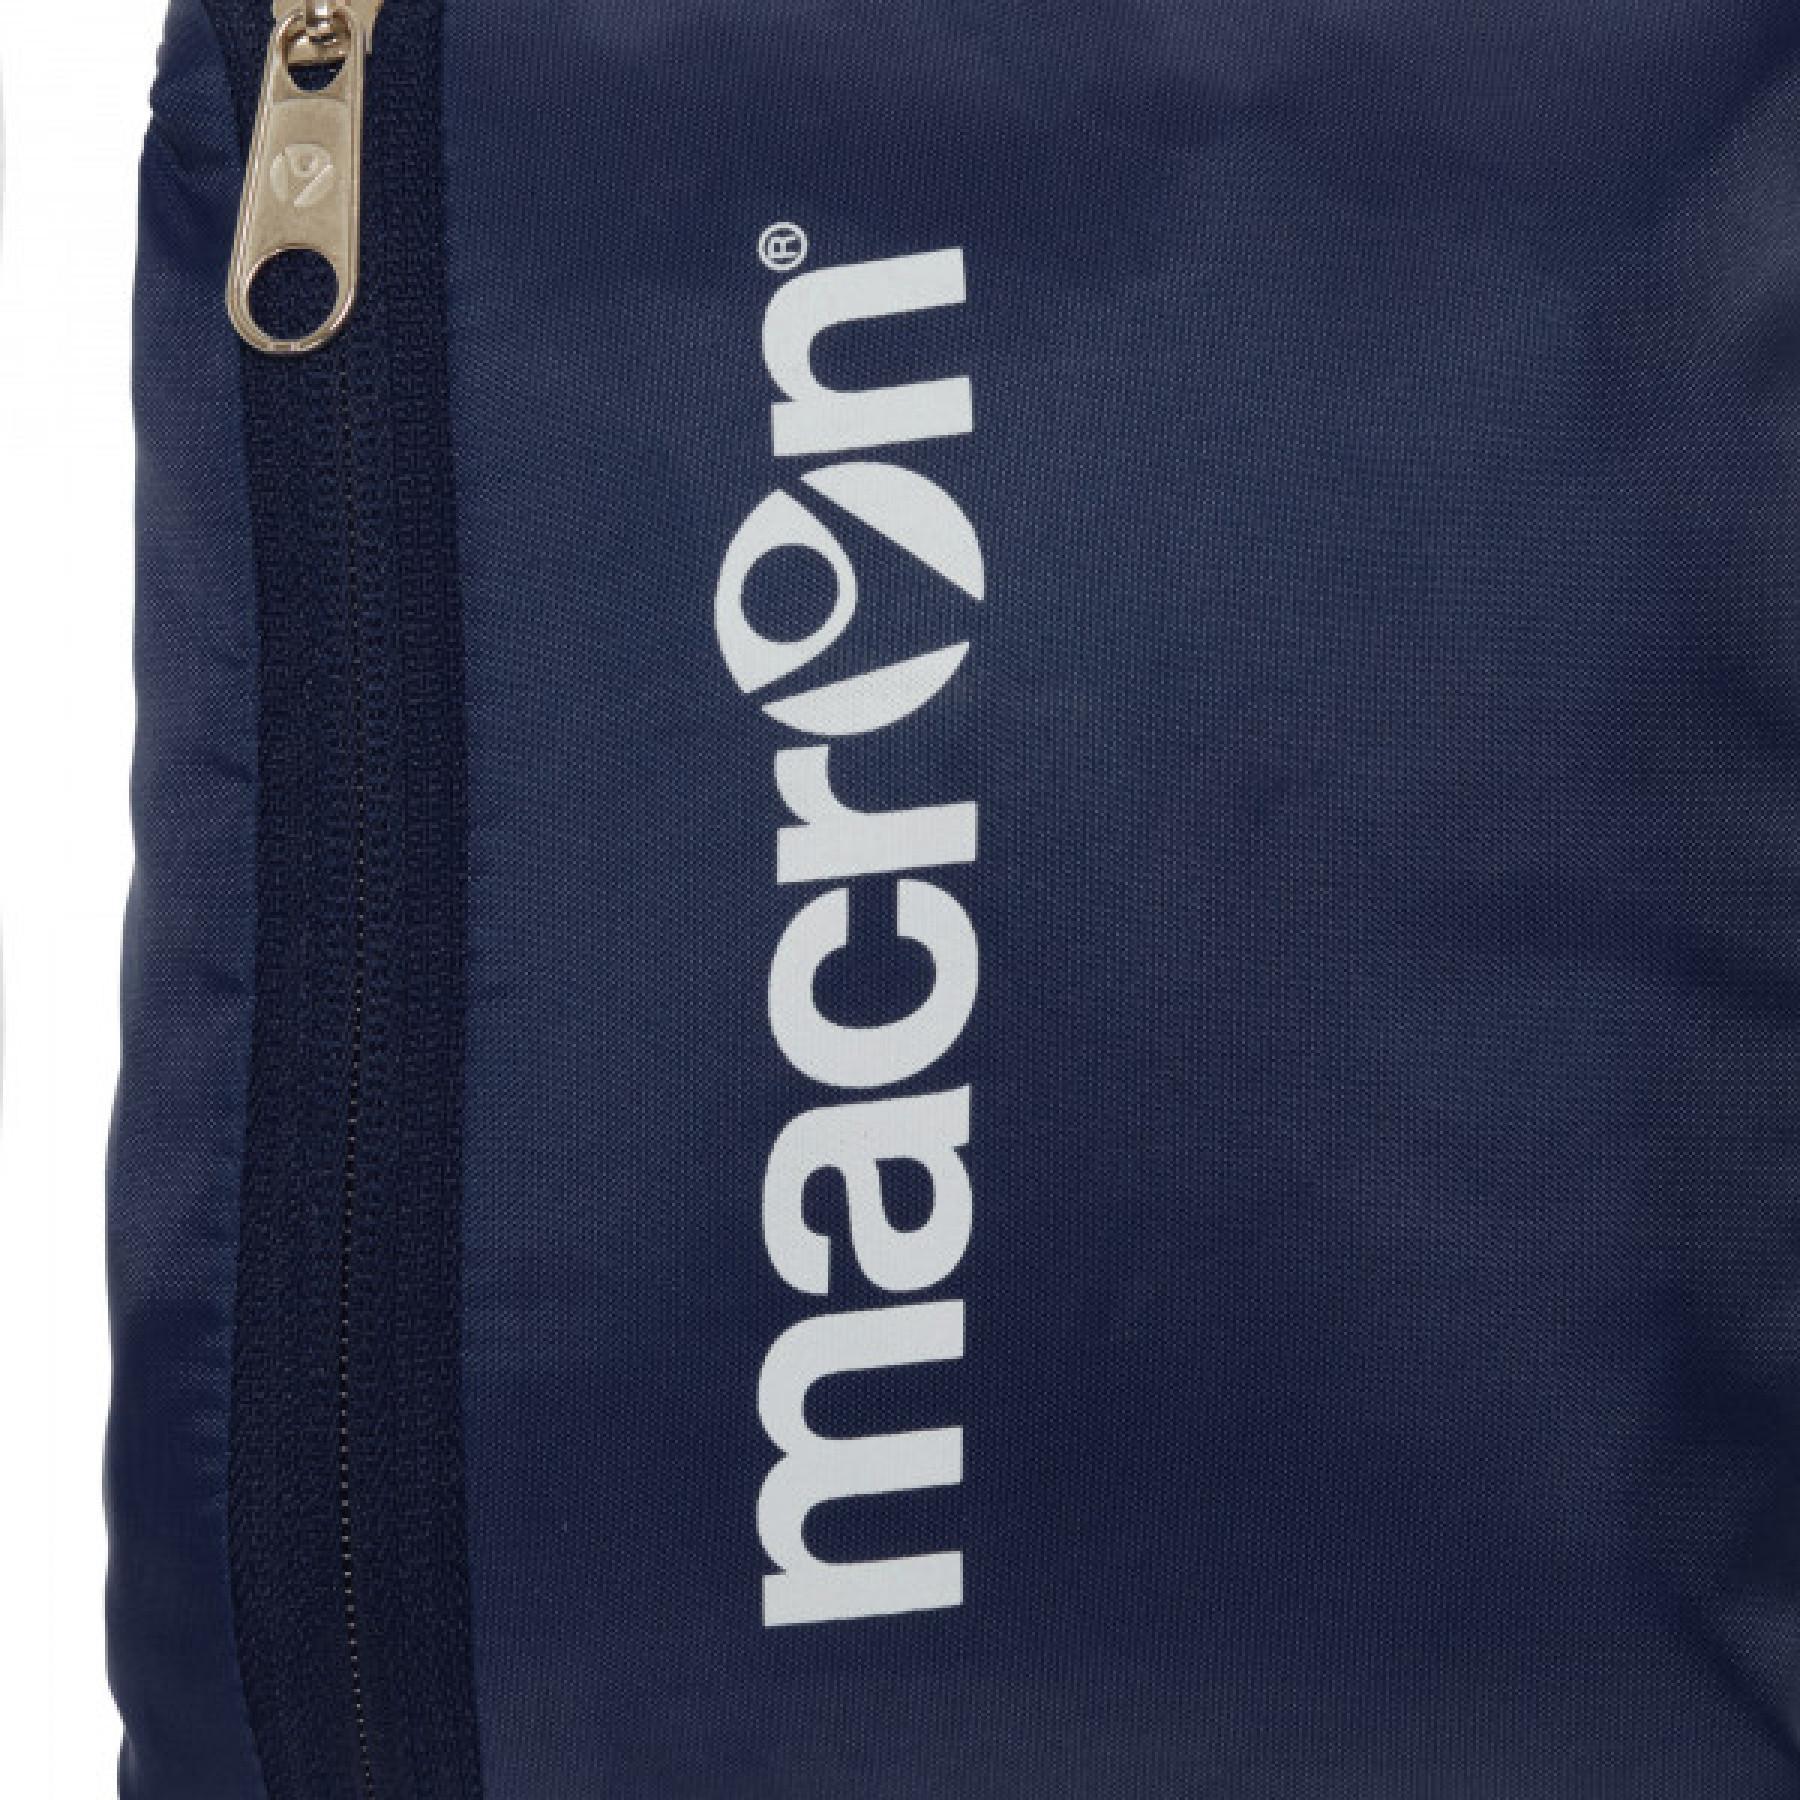 Gym Bags Sports Duffels geeksrule.org Macron Wing Foldable